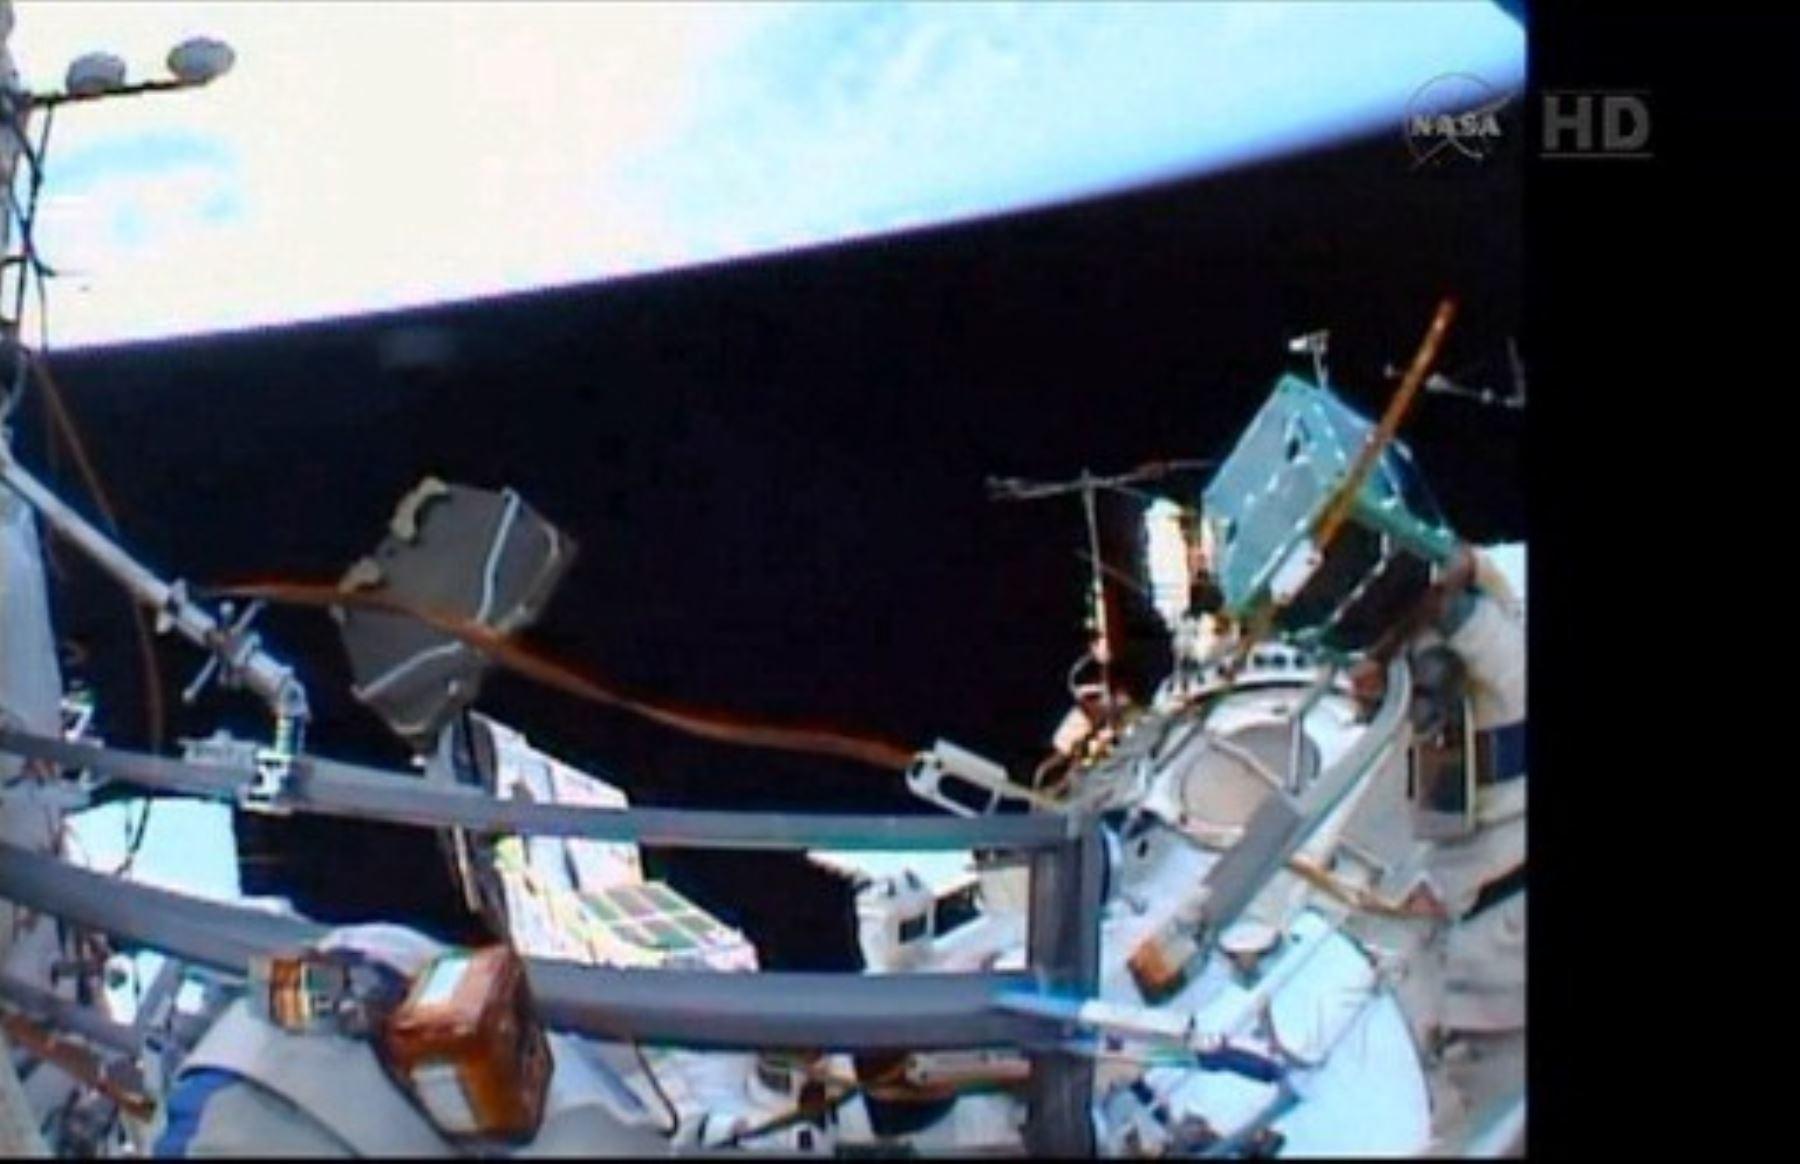 """Nanosatélite peruano """"Chasqui I"""", diseñado por la Universidad Nacional de Ingeniería (UNI), puesto en órbita en el espacio desde la Estación Espacial Internacional."""